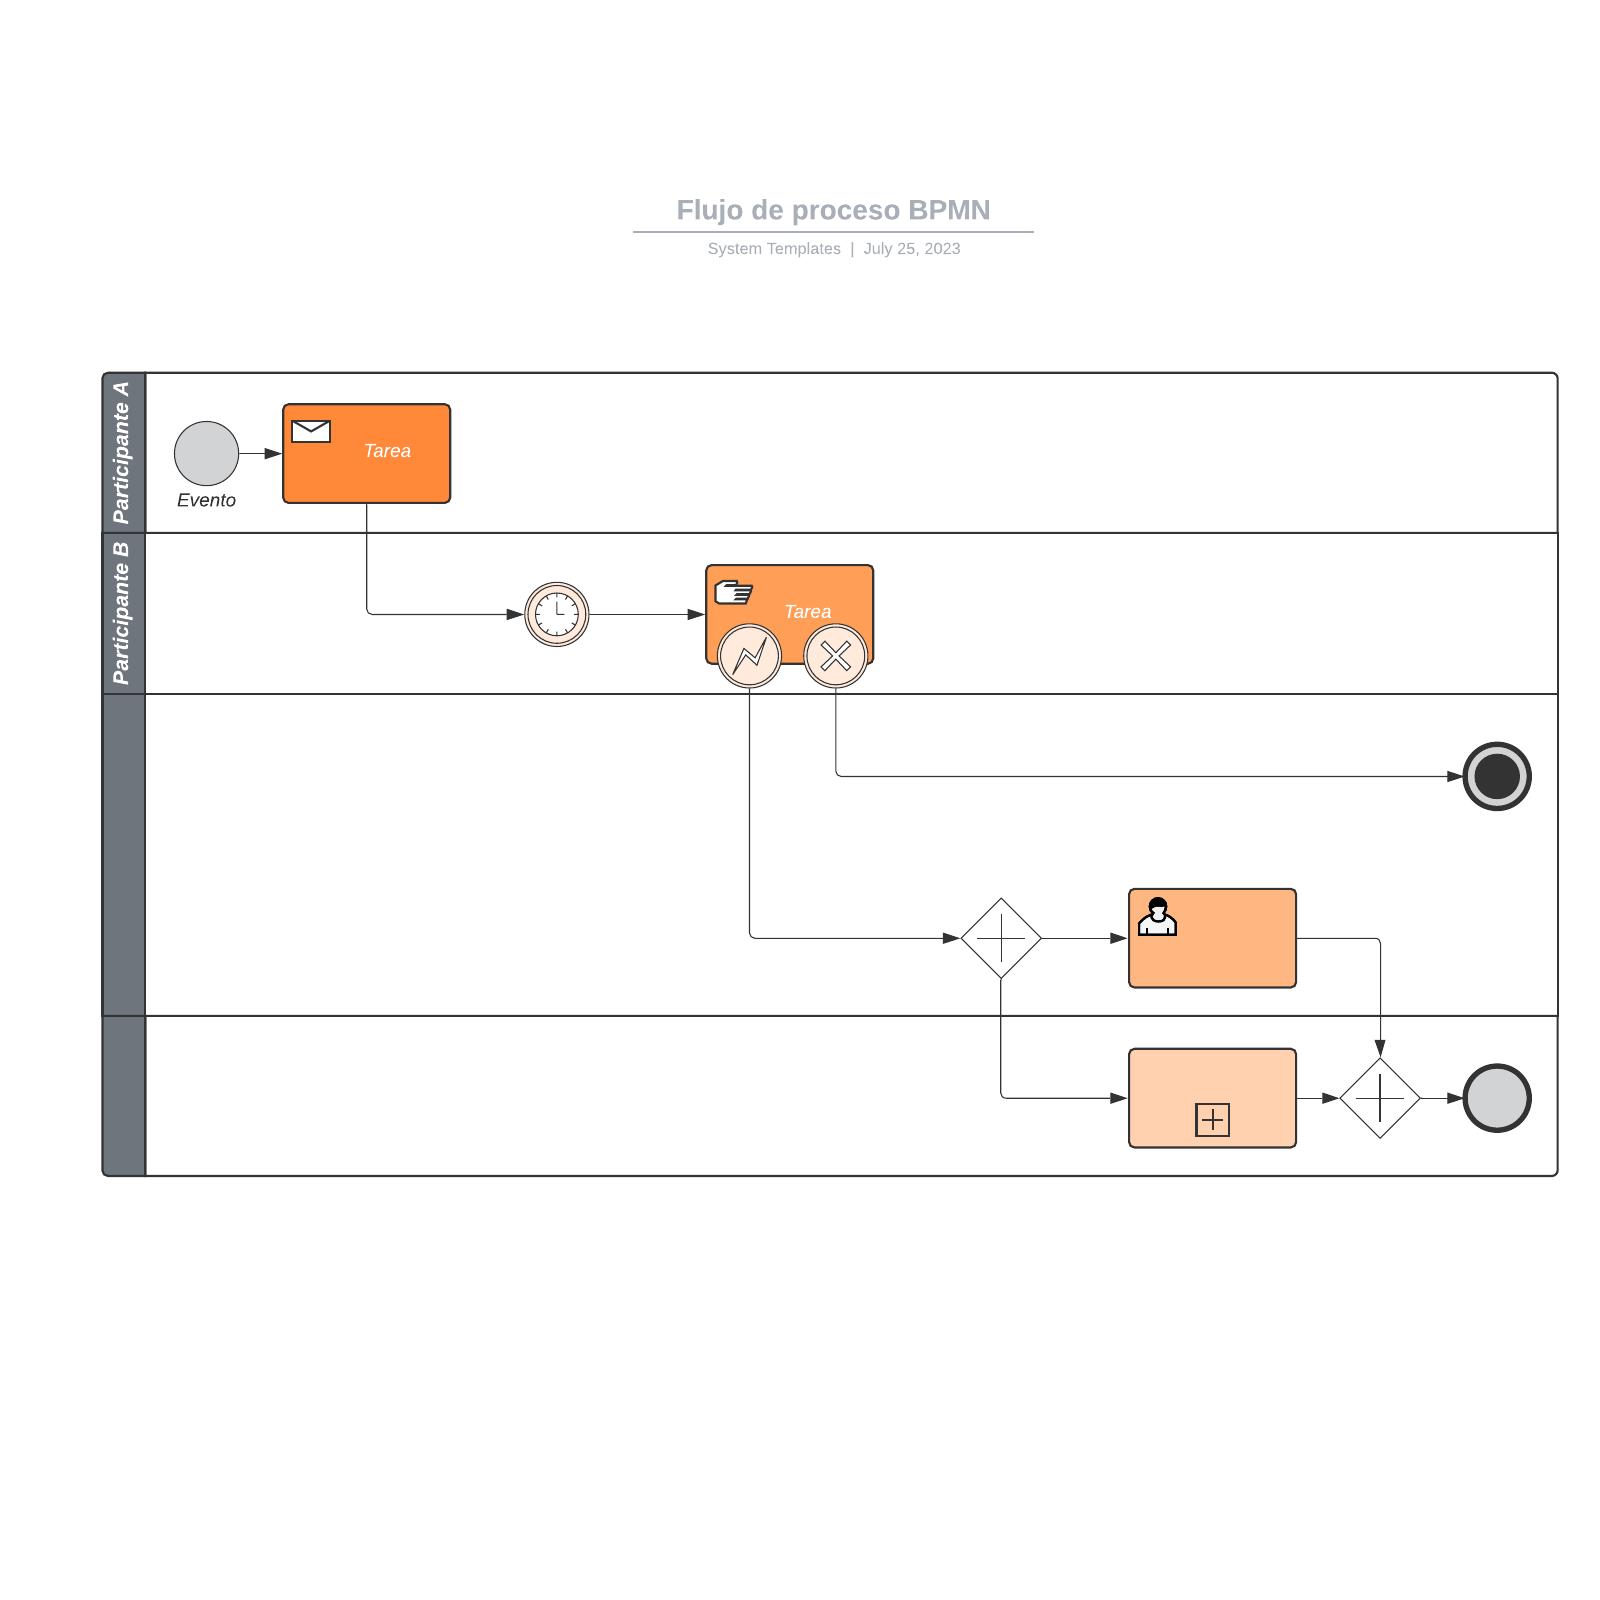 Flujo de proceso BPMN